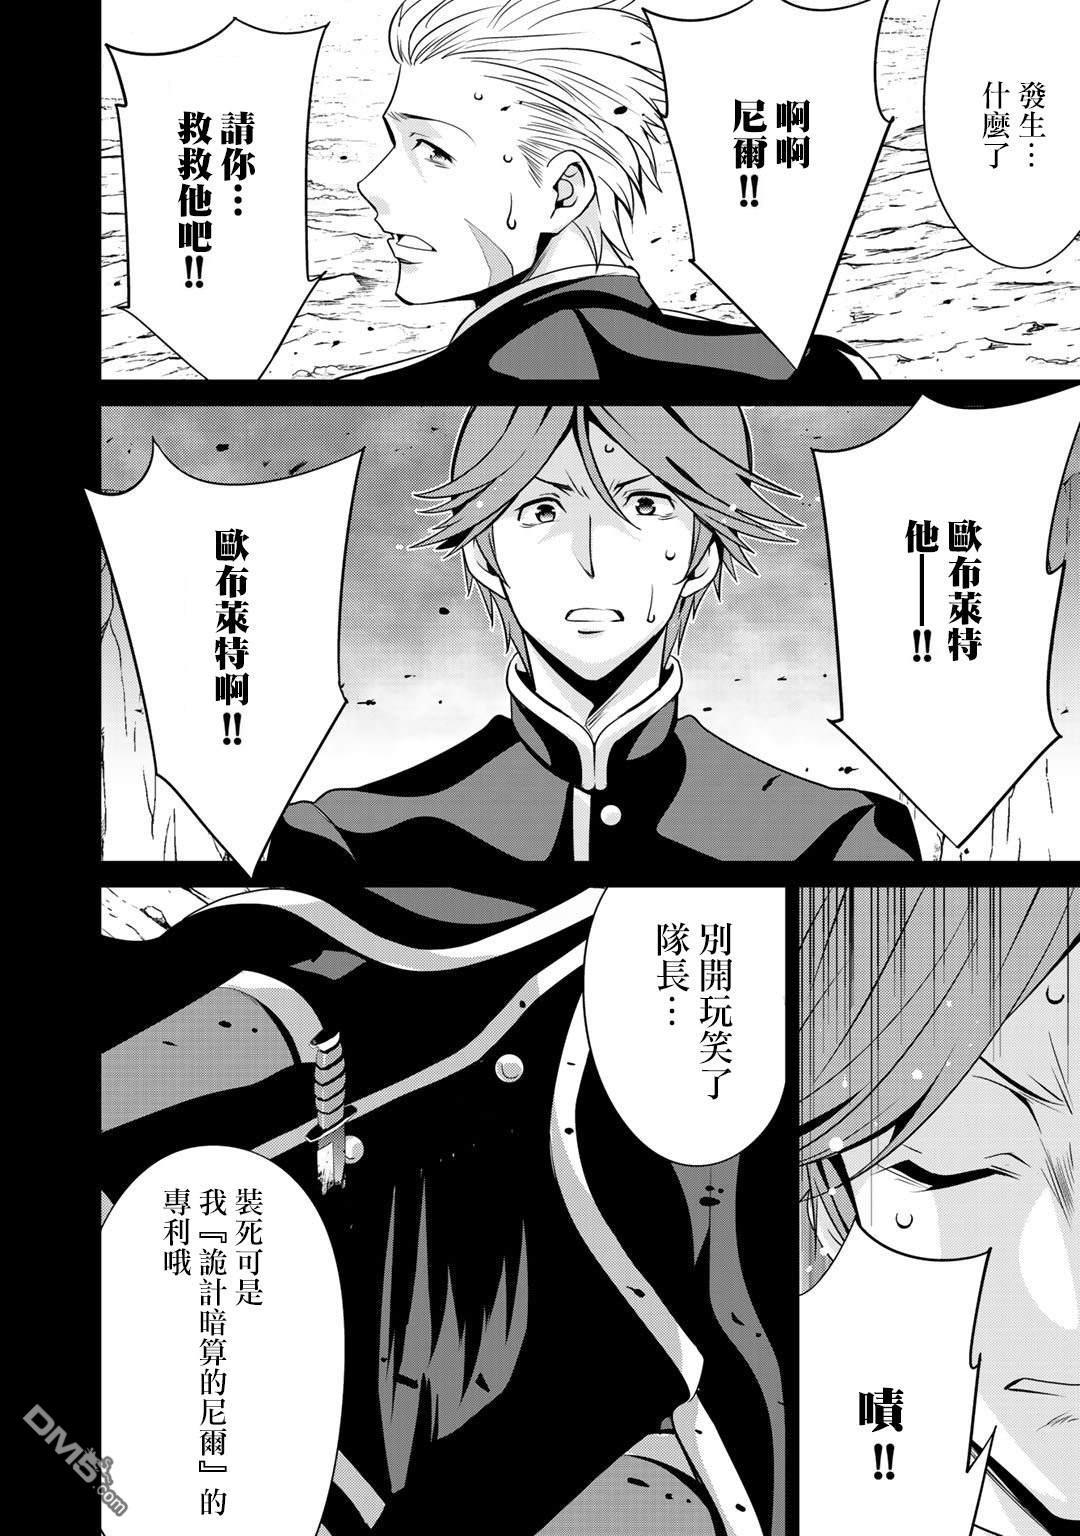 最強黑騎士轉生戰鬥女僕漫畫第23話(23P)(第1頁)劇情-二次元動漫